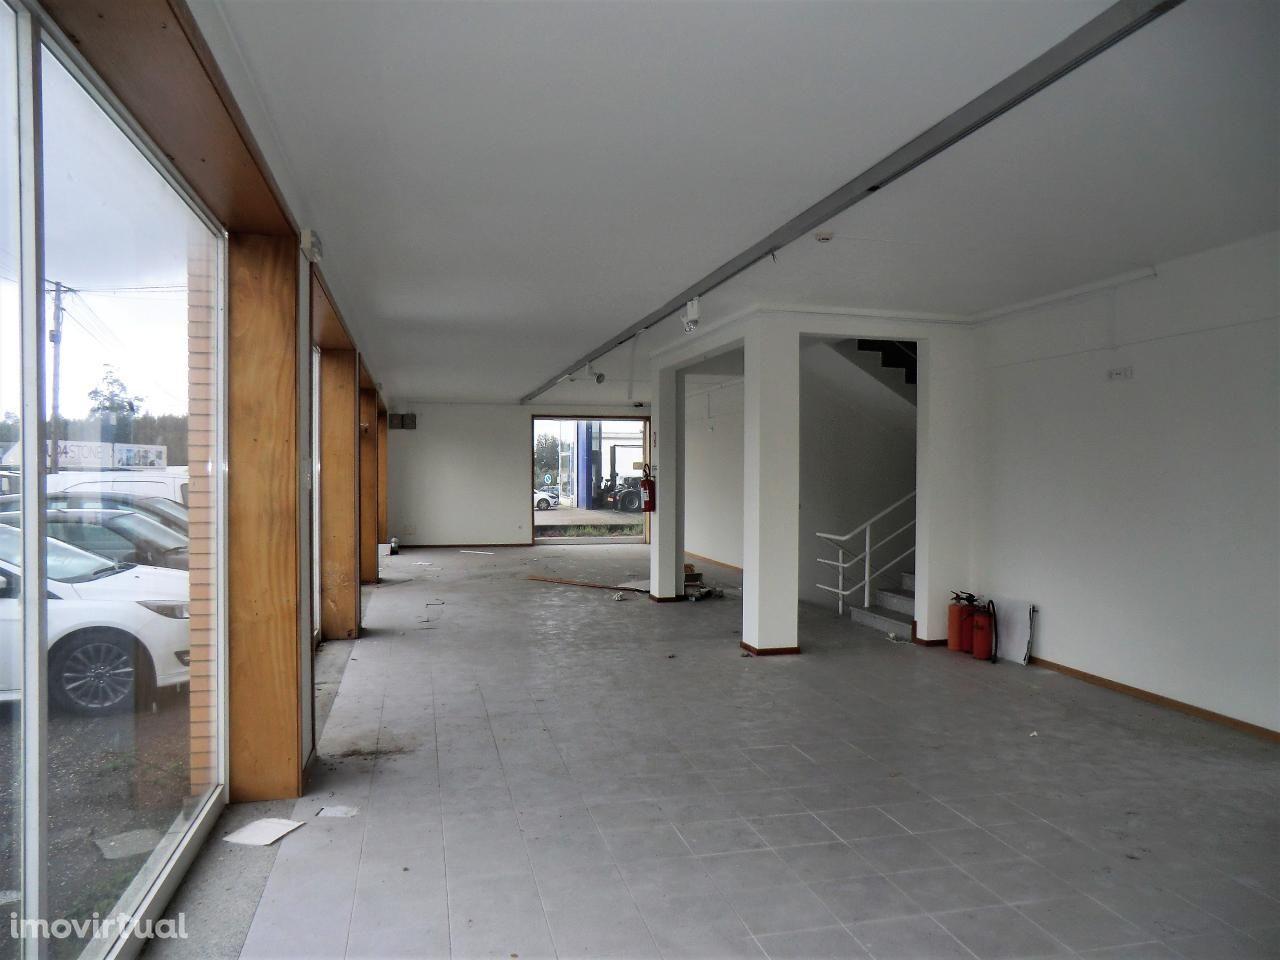 Pavilhão: loja com montra, cave e nave, Vale do Grou, Águeda